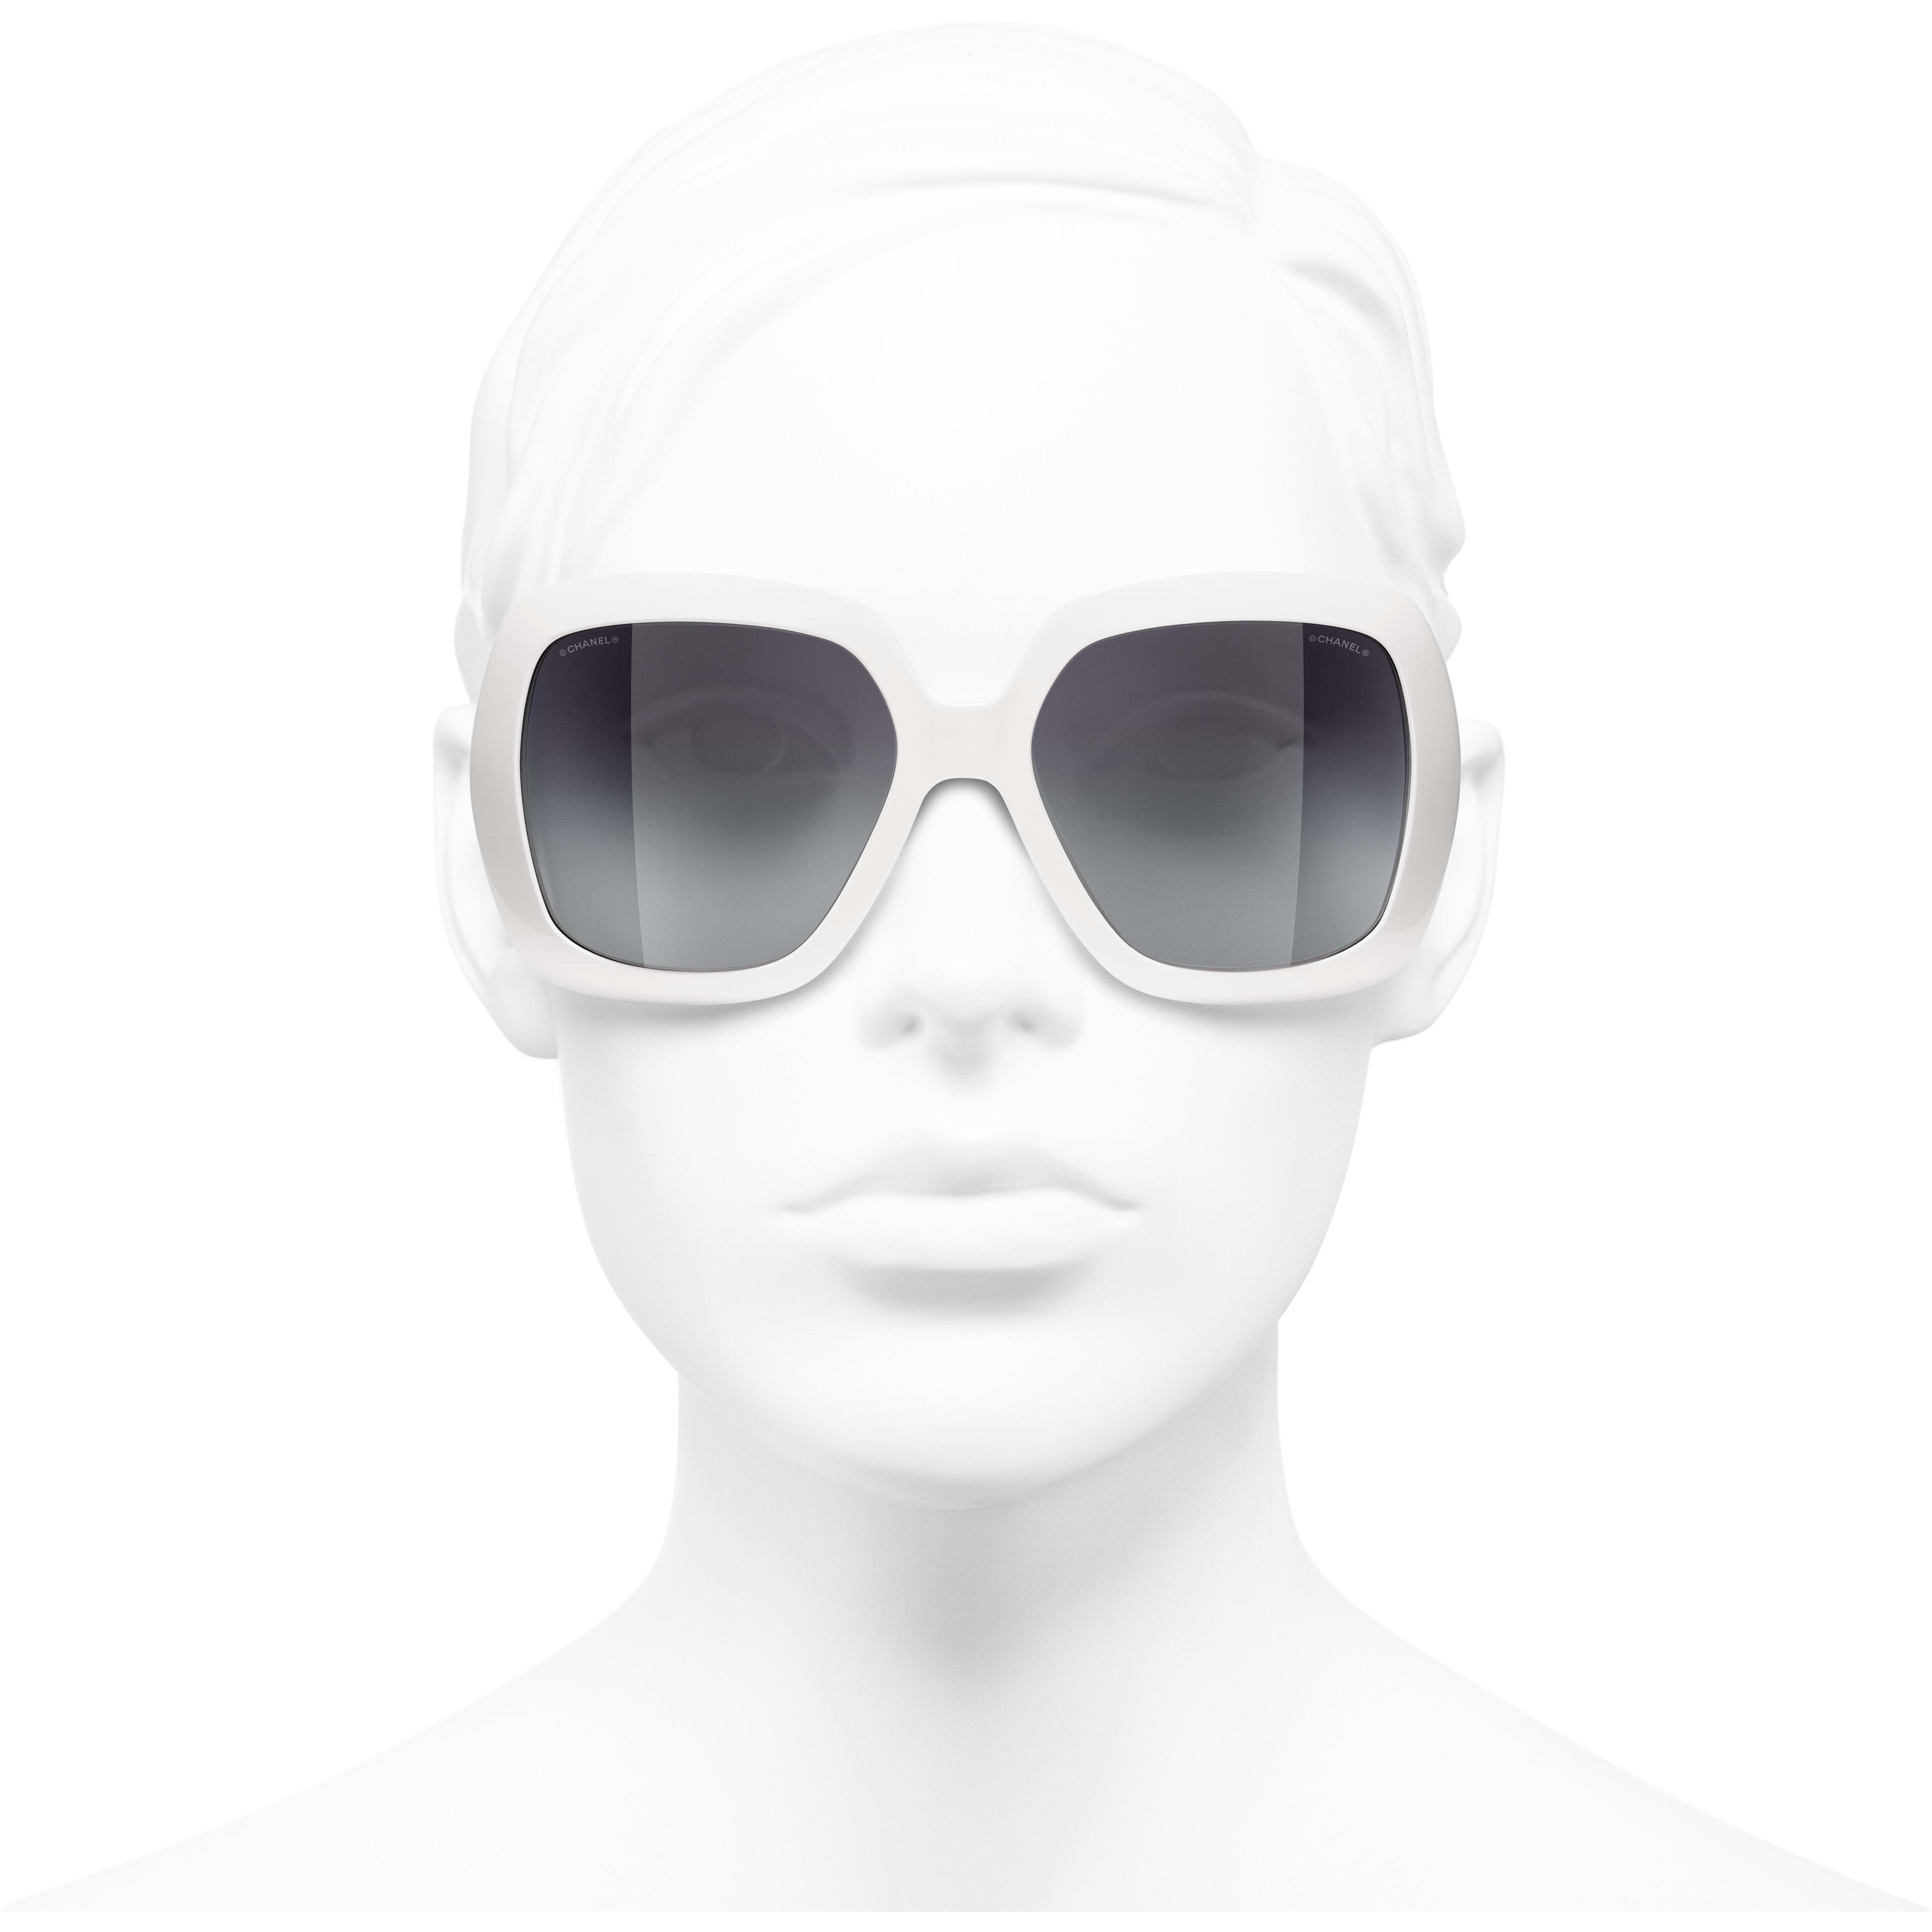 แว่นตากันแดดทรงเหลี่ยม - สีขาว - อะซิเตท - CHANEL - มุมมองการสวมใส่ด้านหน้า - ดูเวอร์ชันขนาดมาตรฐาน